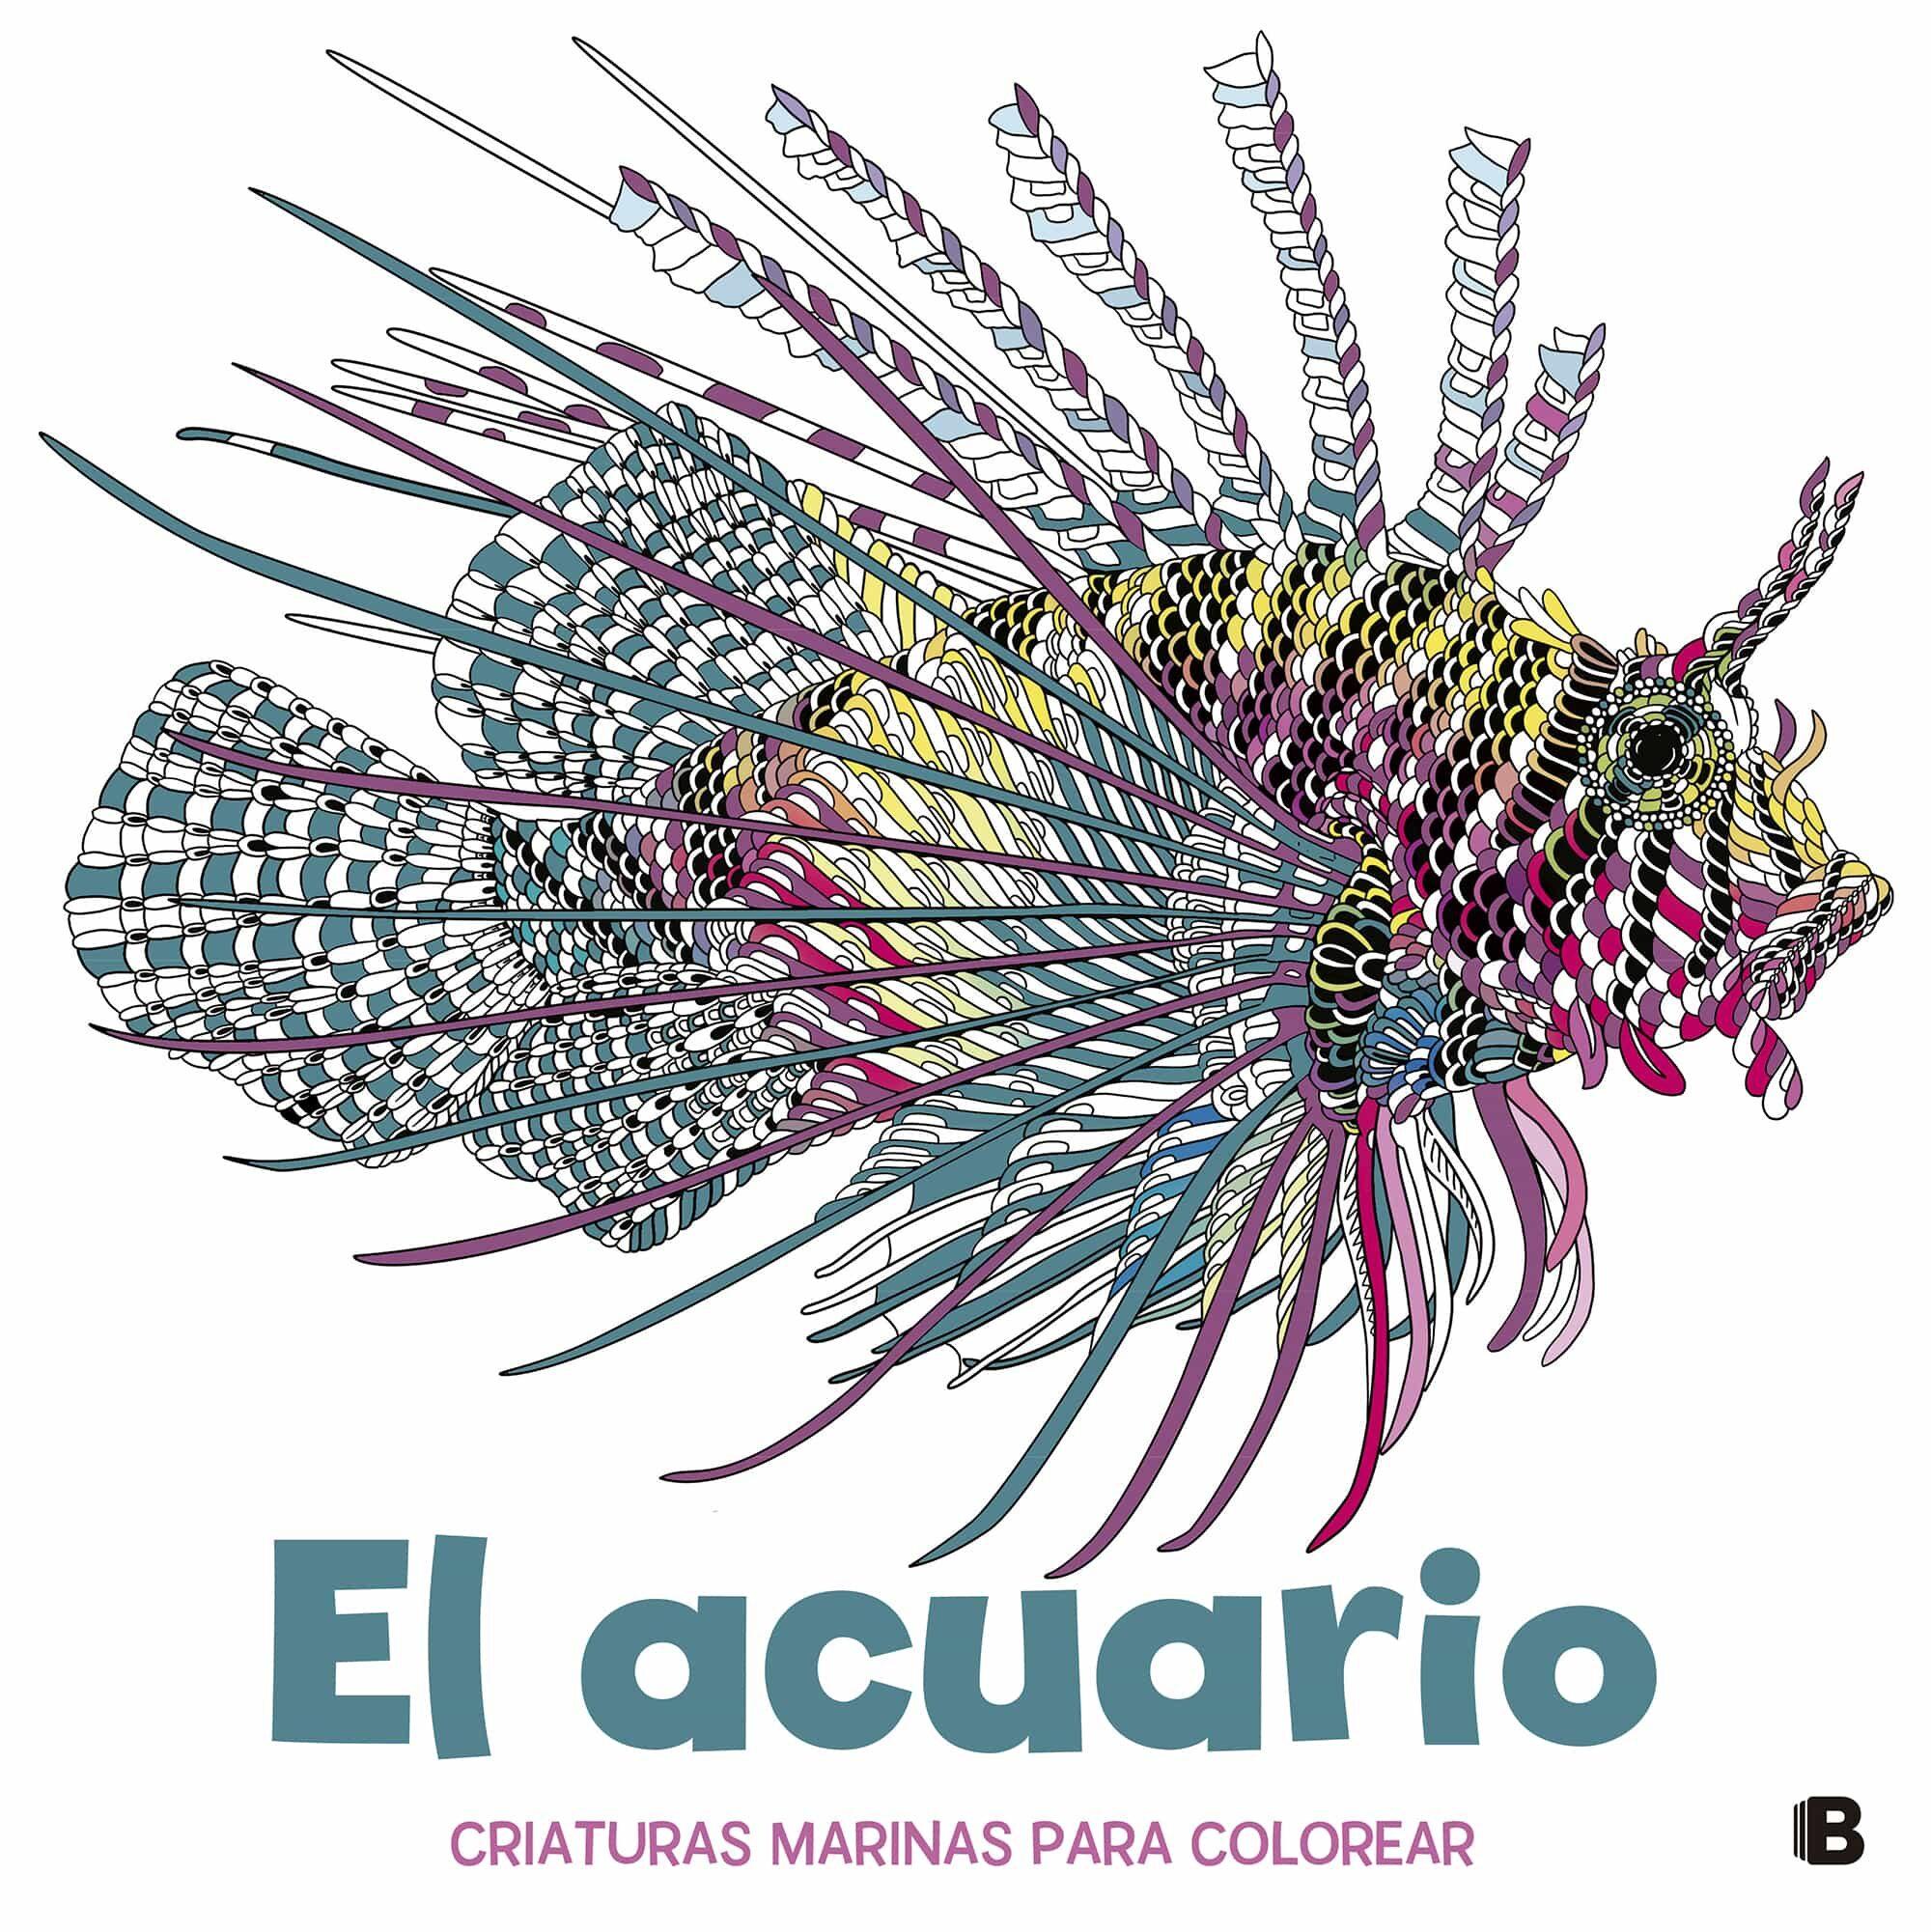 EL ACUARIO: CRIATURAS MARINAS PARA COLOREAR | MERRITT | Comprar ...